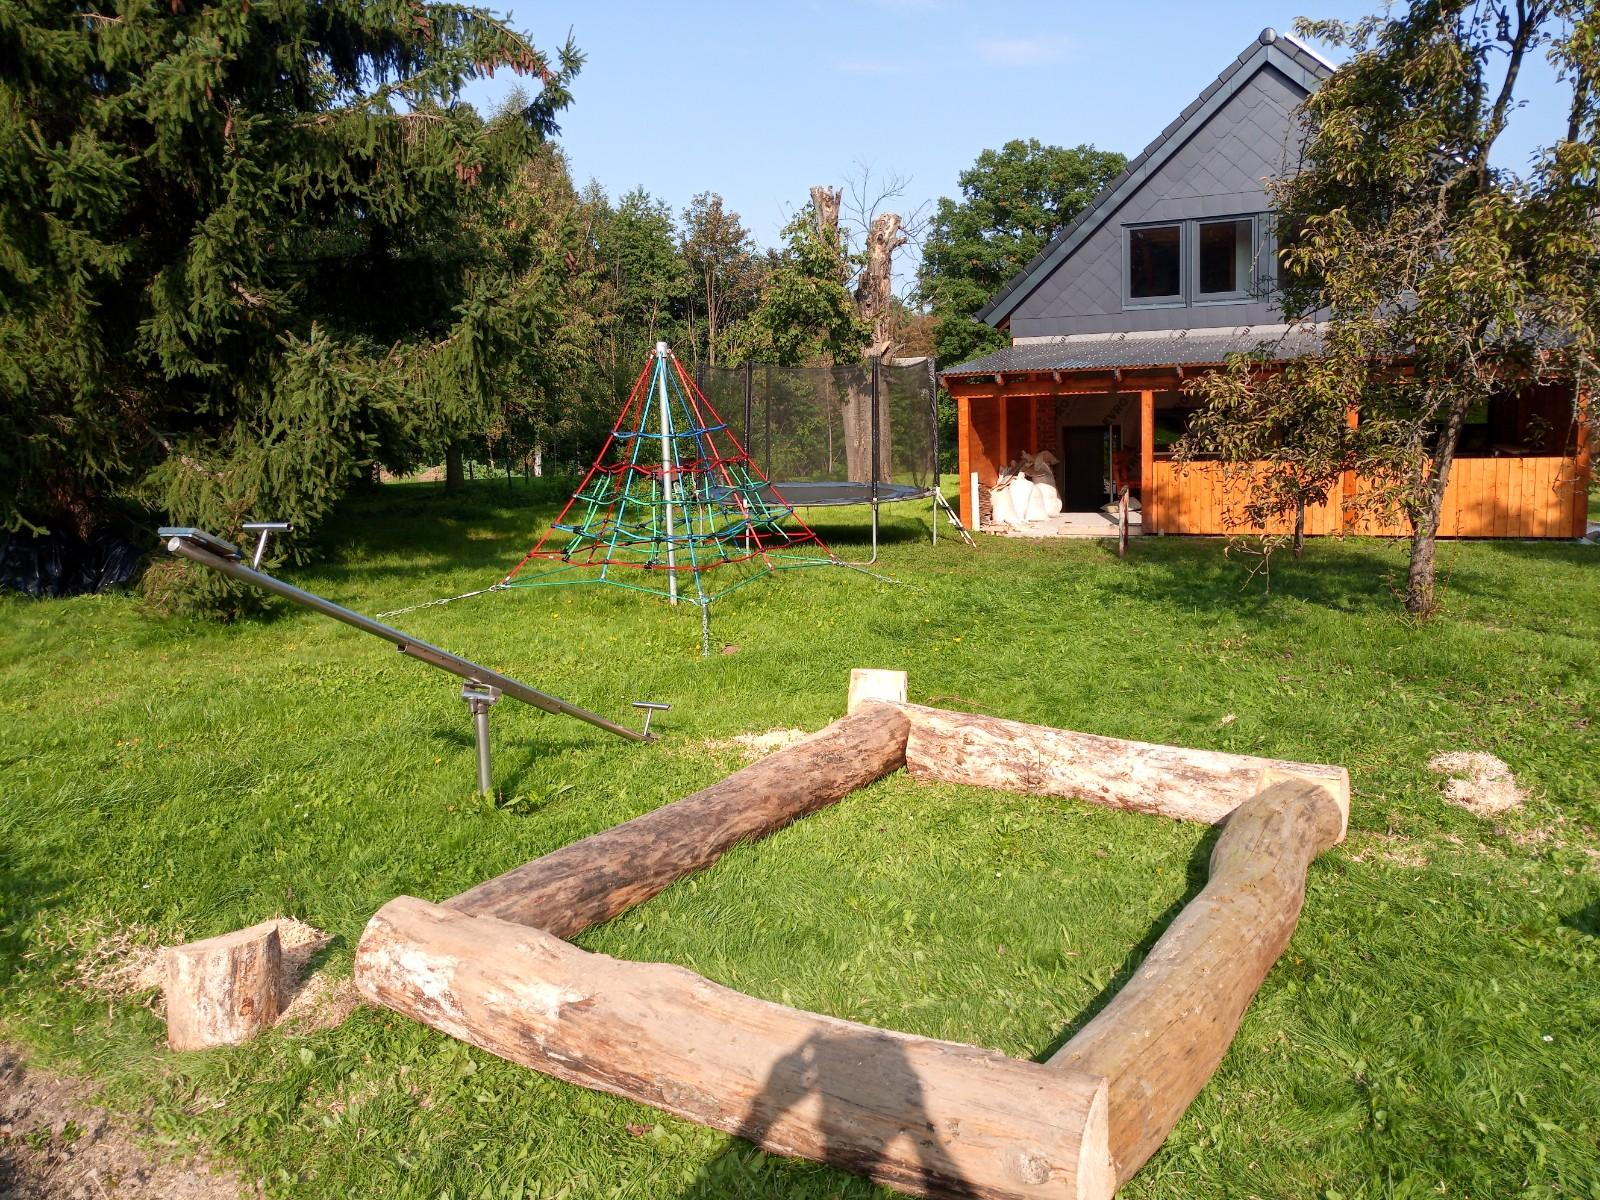 Dnes se budovalo něco pro děti.Příprava na houpačky a pískoviště. - Obrázek č. 1